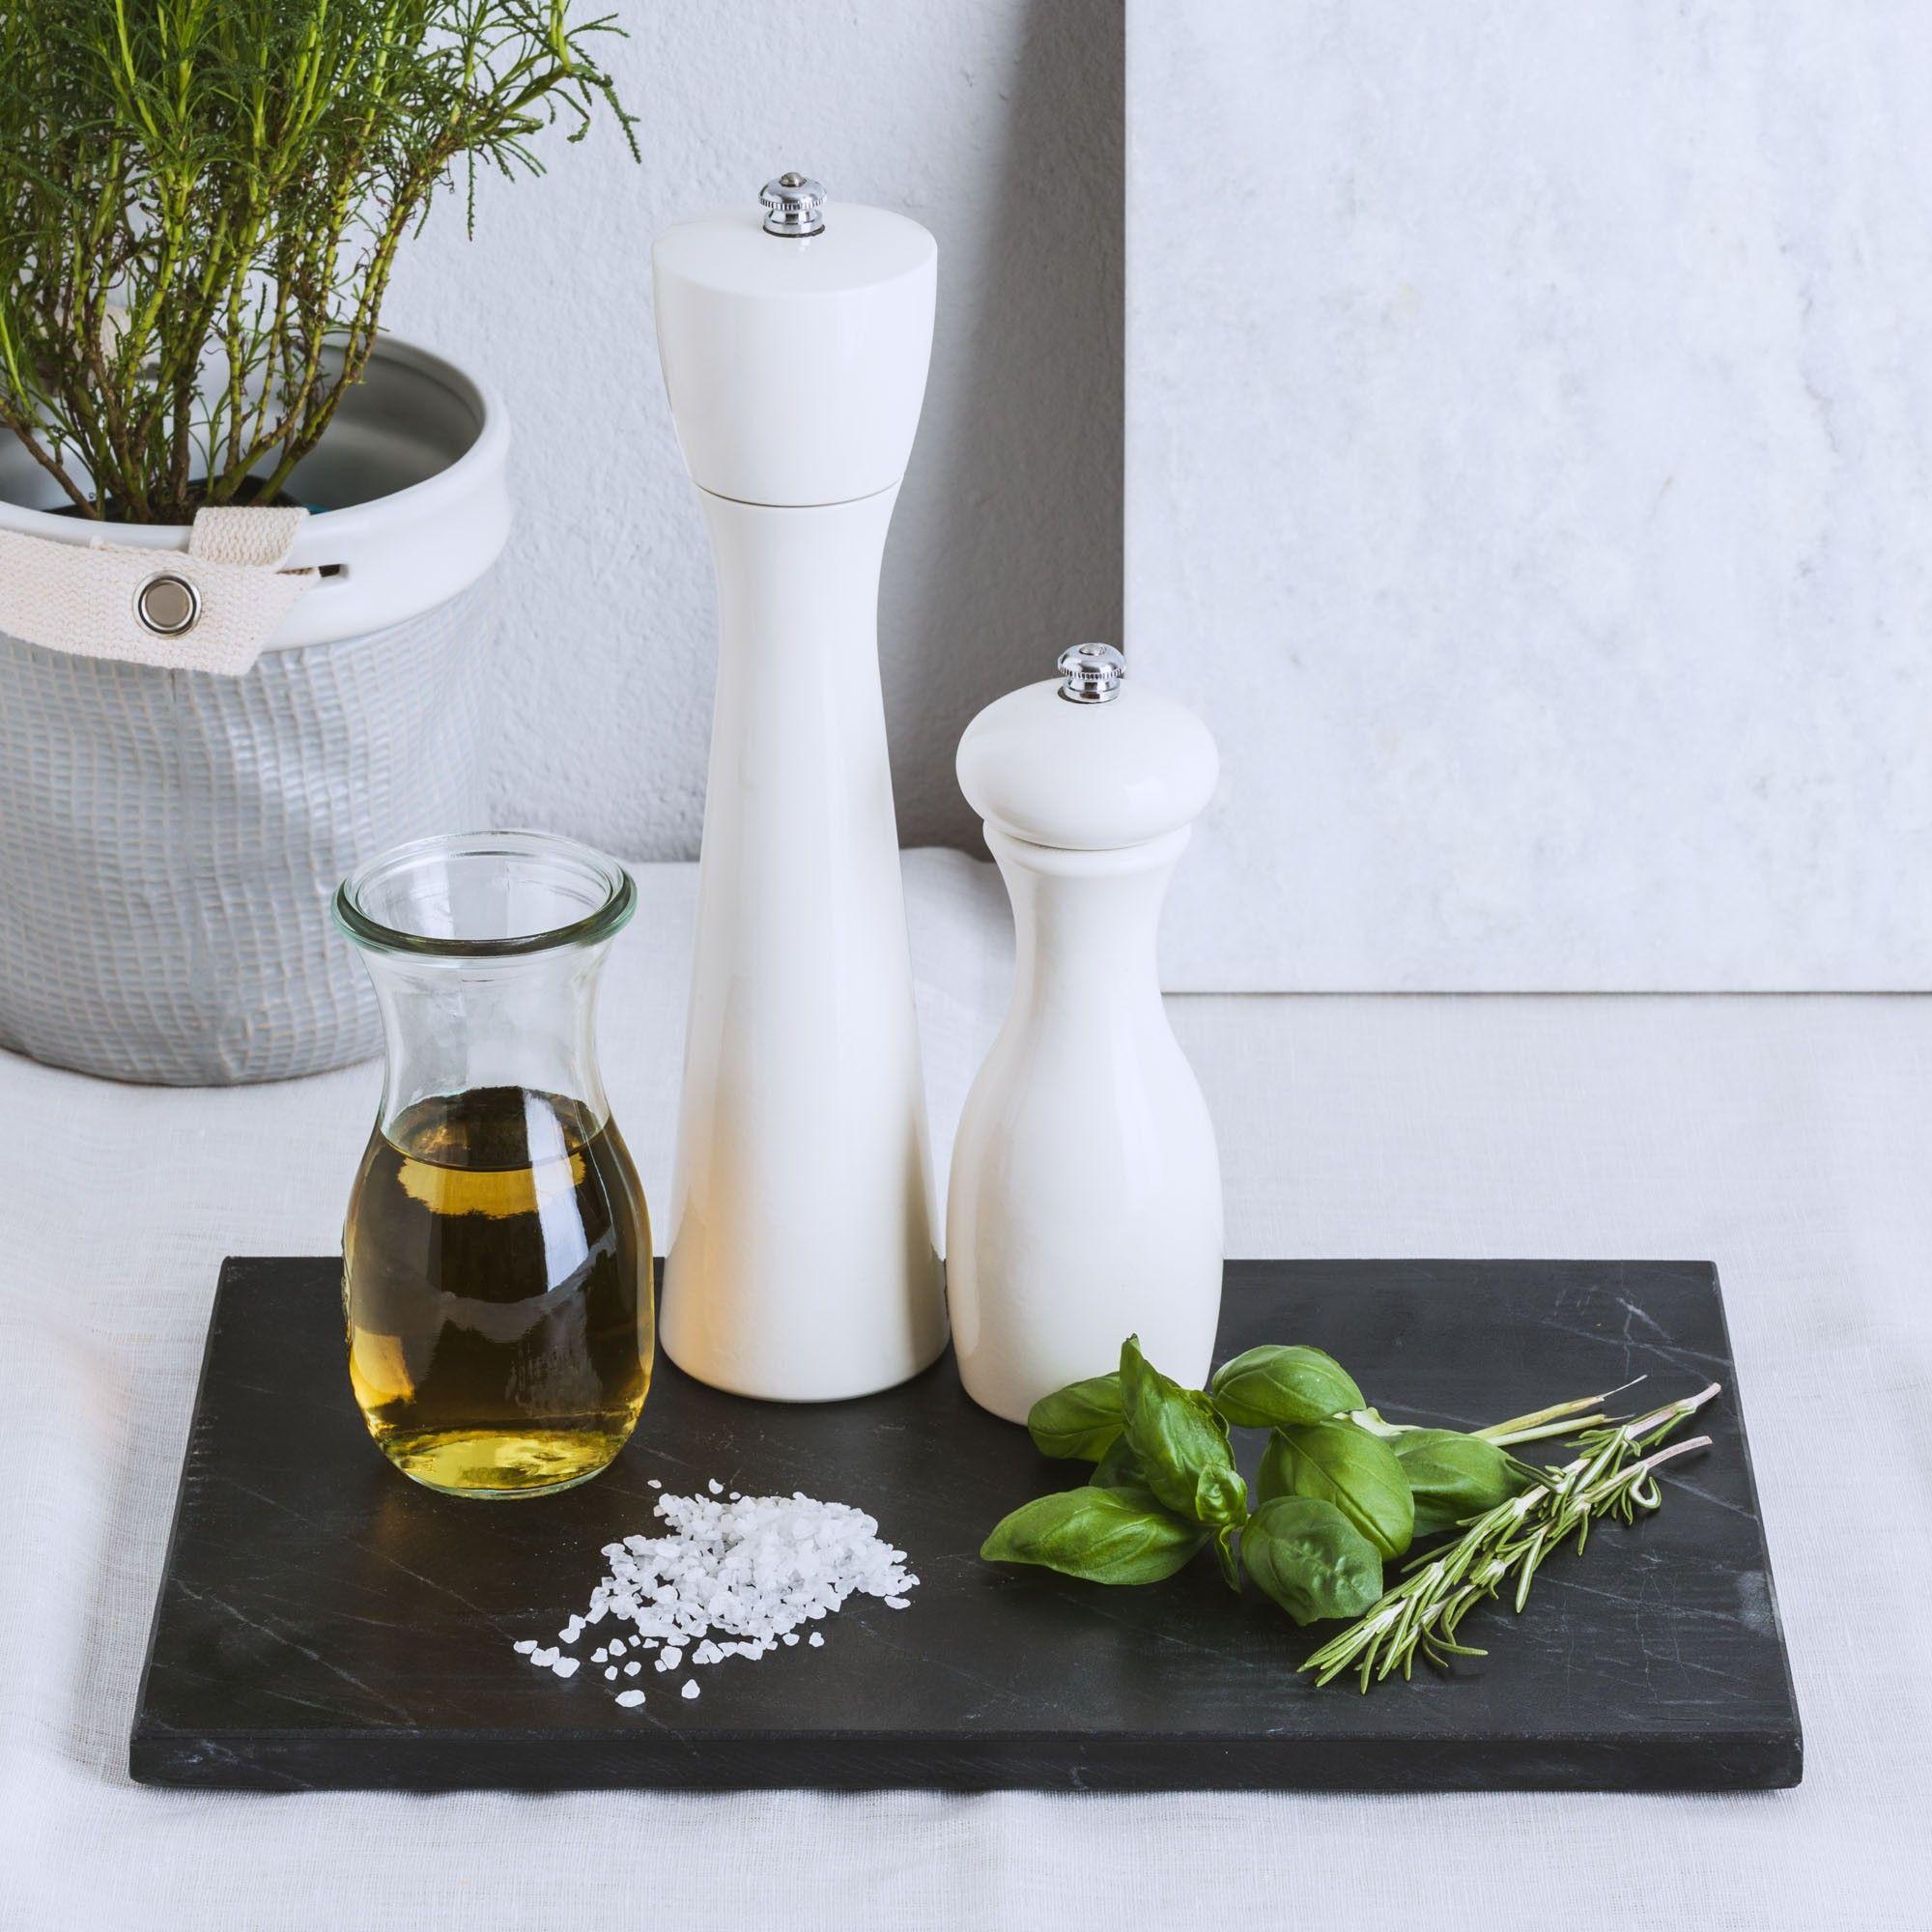 Ideen für die erweiterung der küche aus hochwertigen marmor verarbeitet ist unser marmorteller tanuku